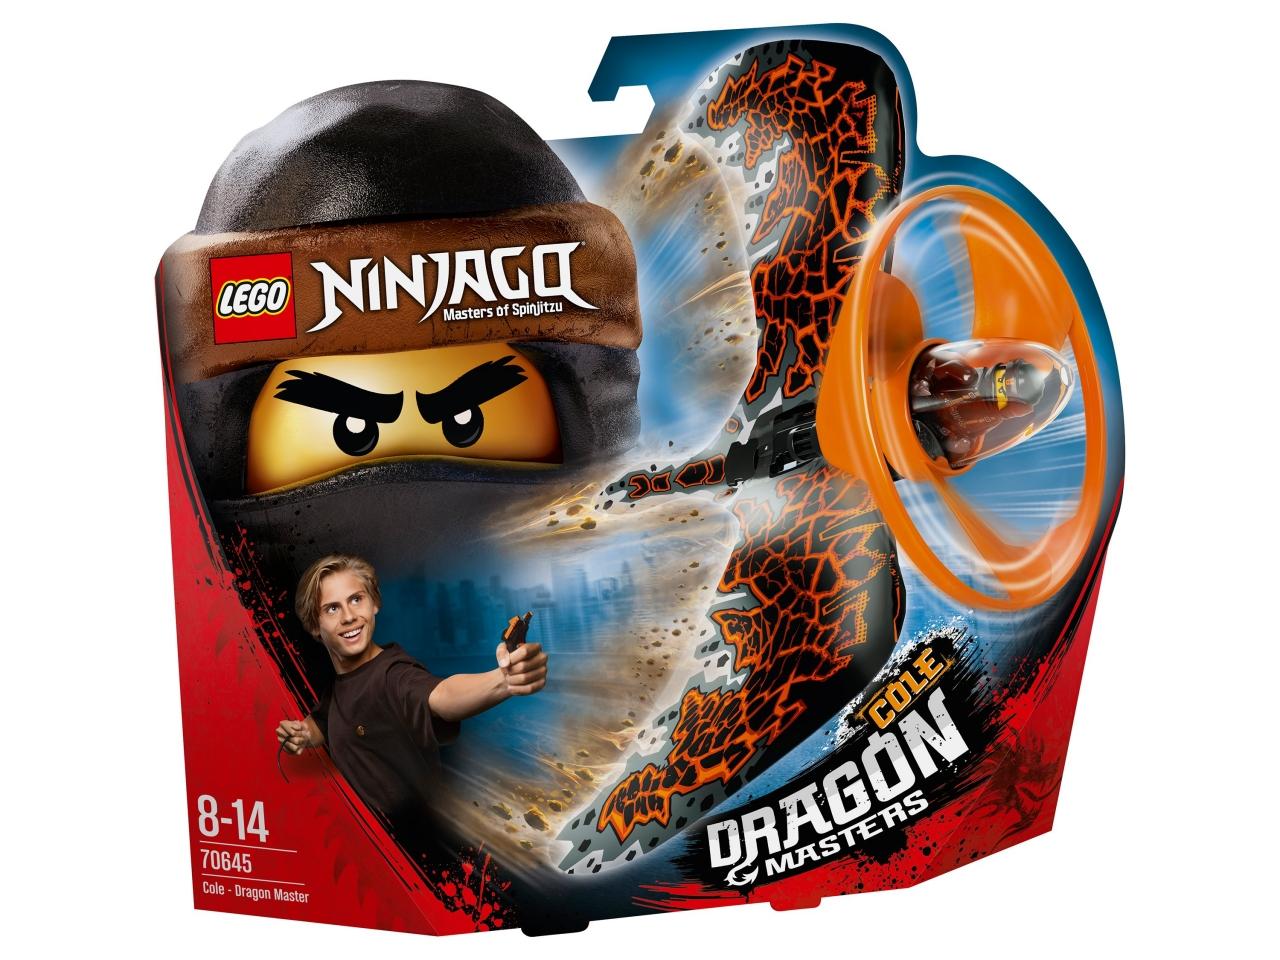 Купить Конструктор LEGO 70645 Ninjago Коул — Мастер дракона, пластик, Для мальчиков и девочек, Дания, Конструкторы